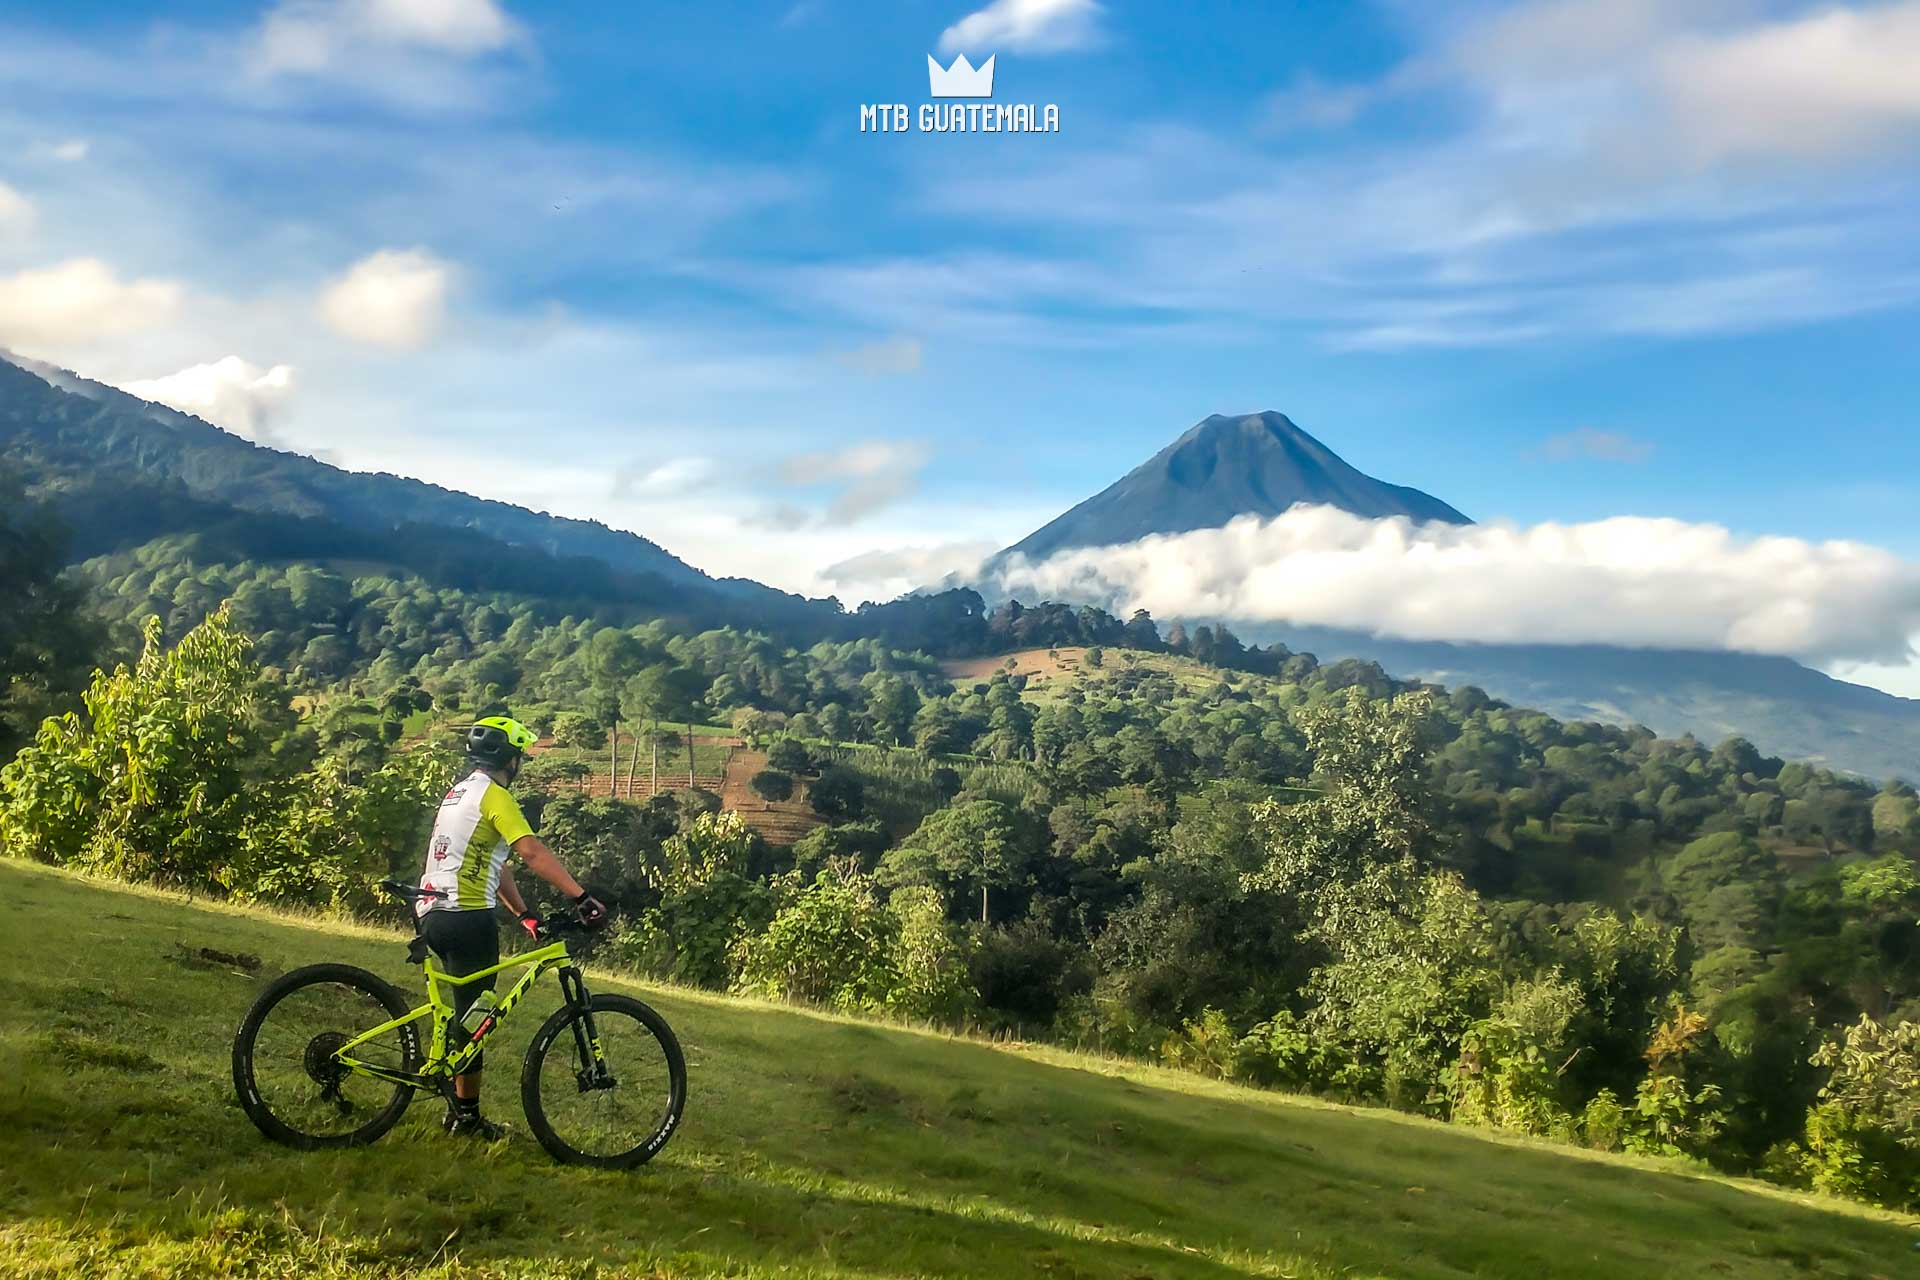 20181002_072243_HDR.jpg - Florencia Mountain Bike Tour Antigua Guatemala